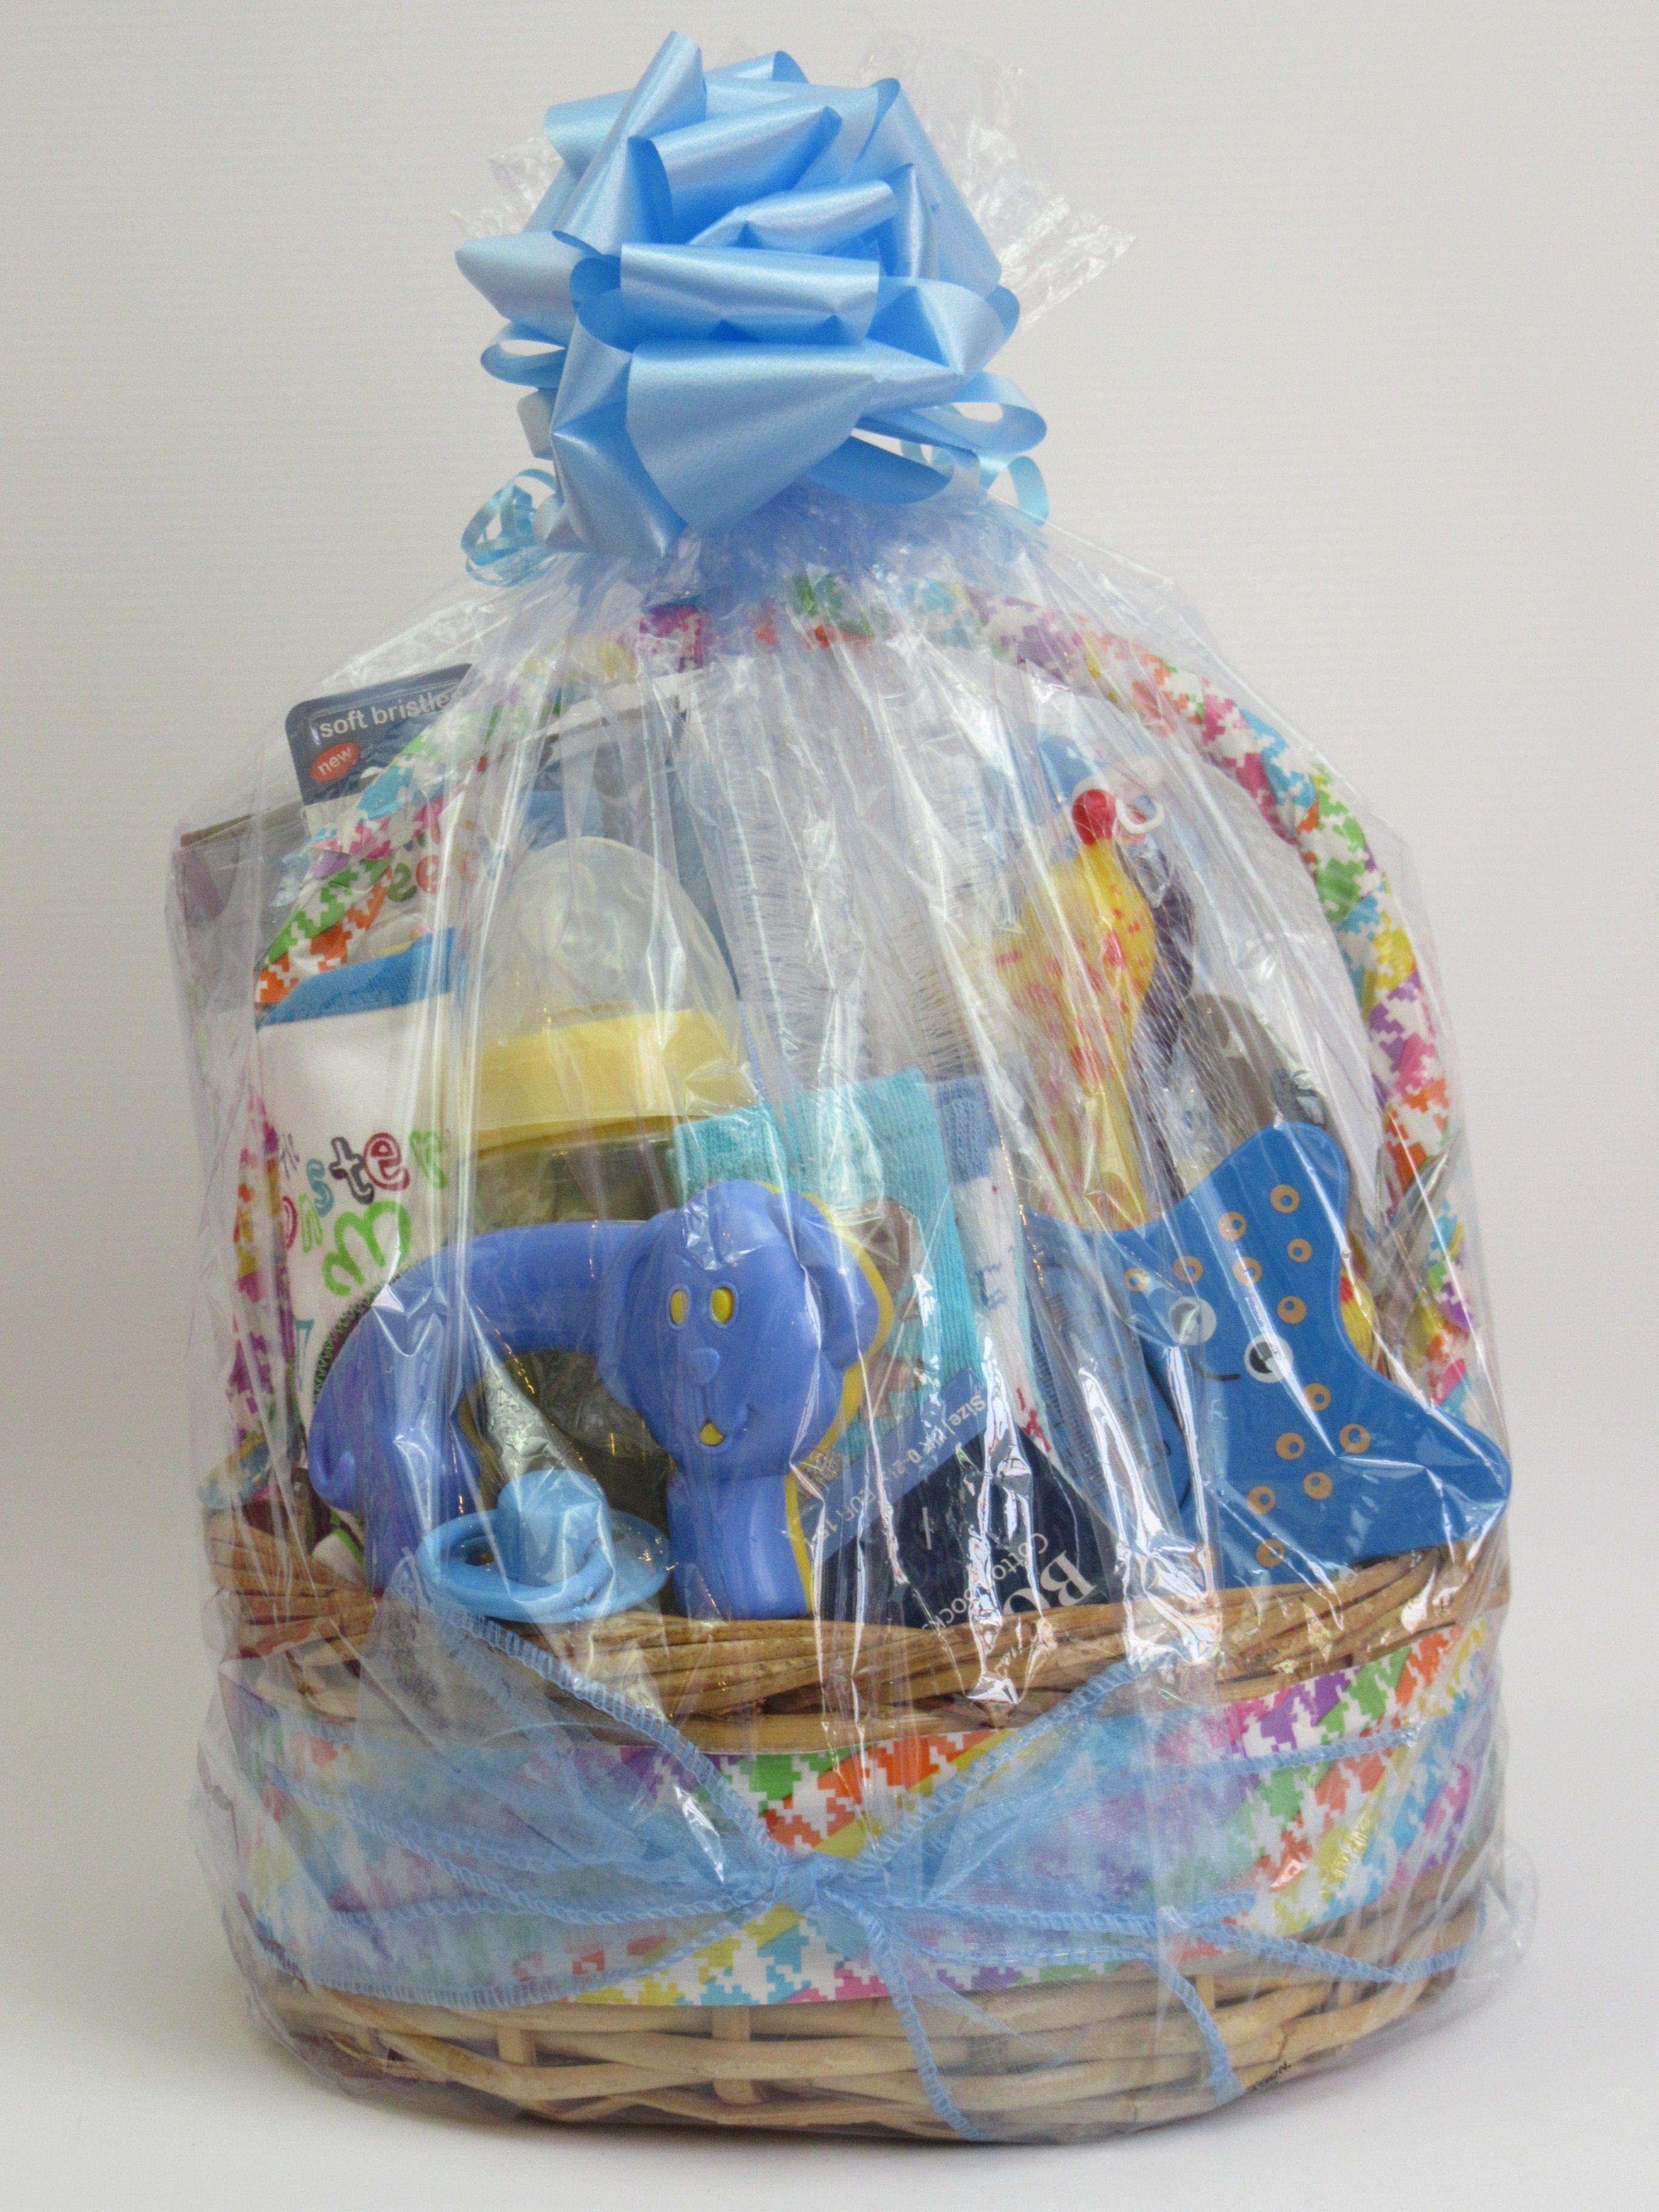 Baby boy essentials gift basket httpwwwebaycouk